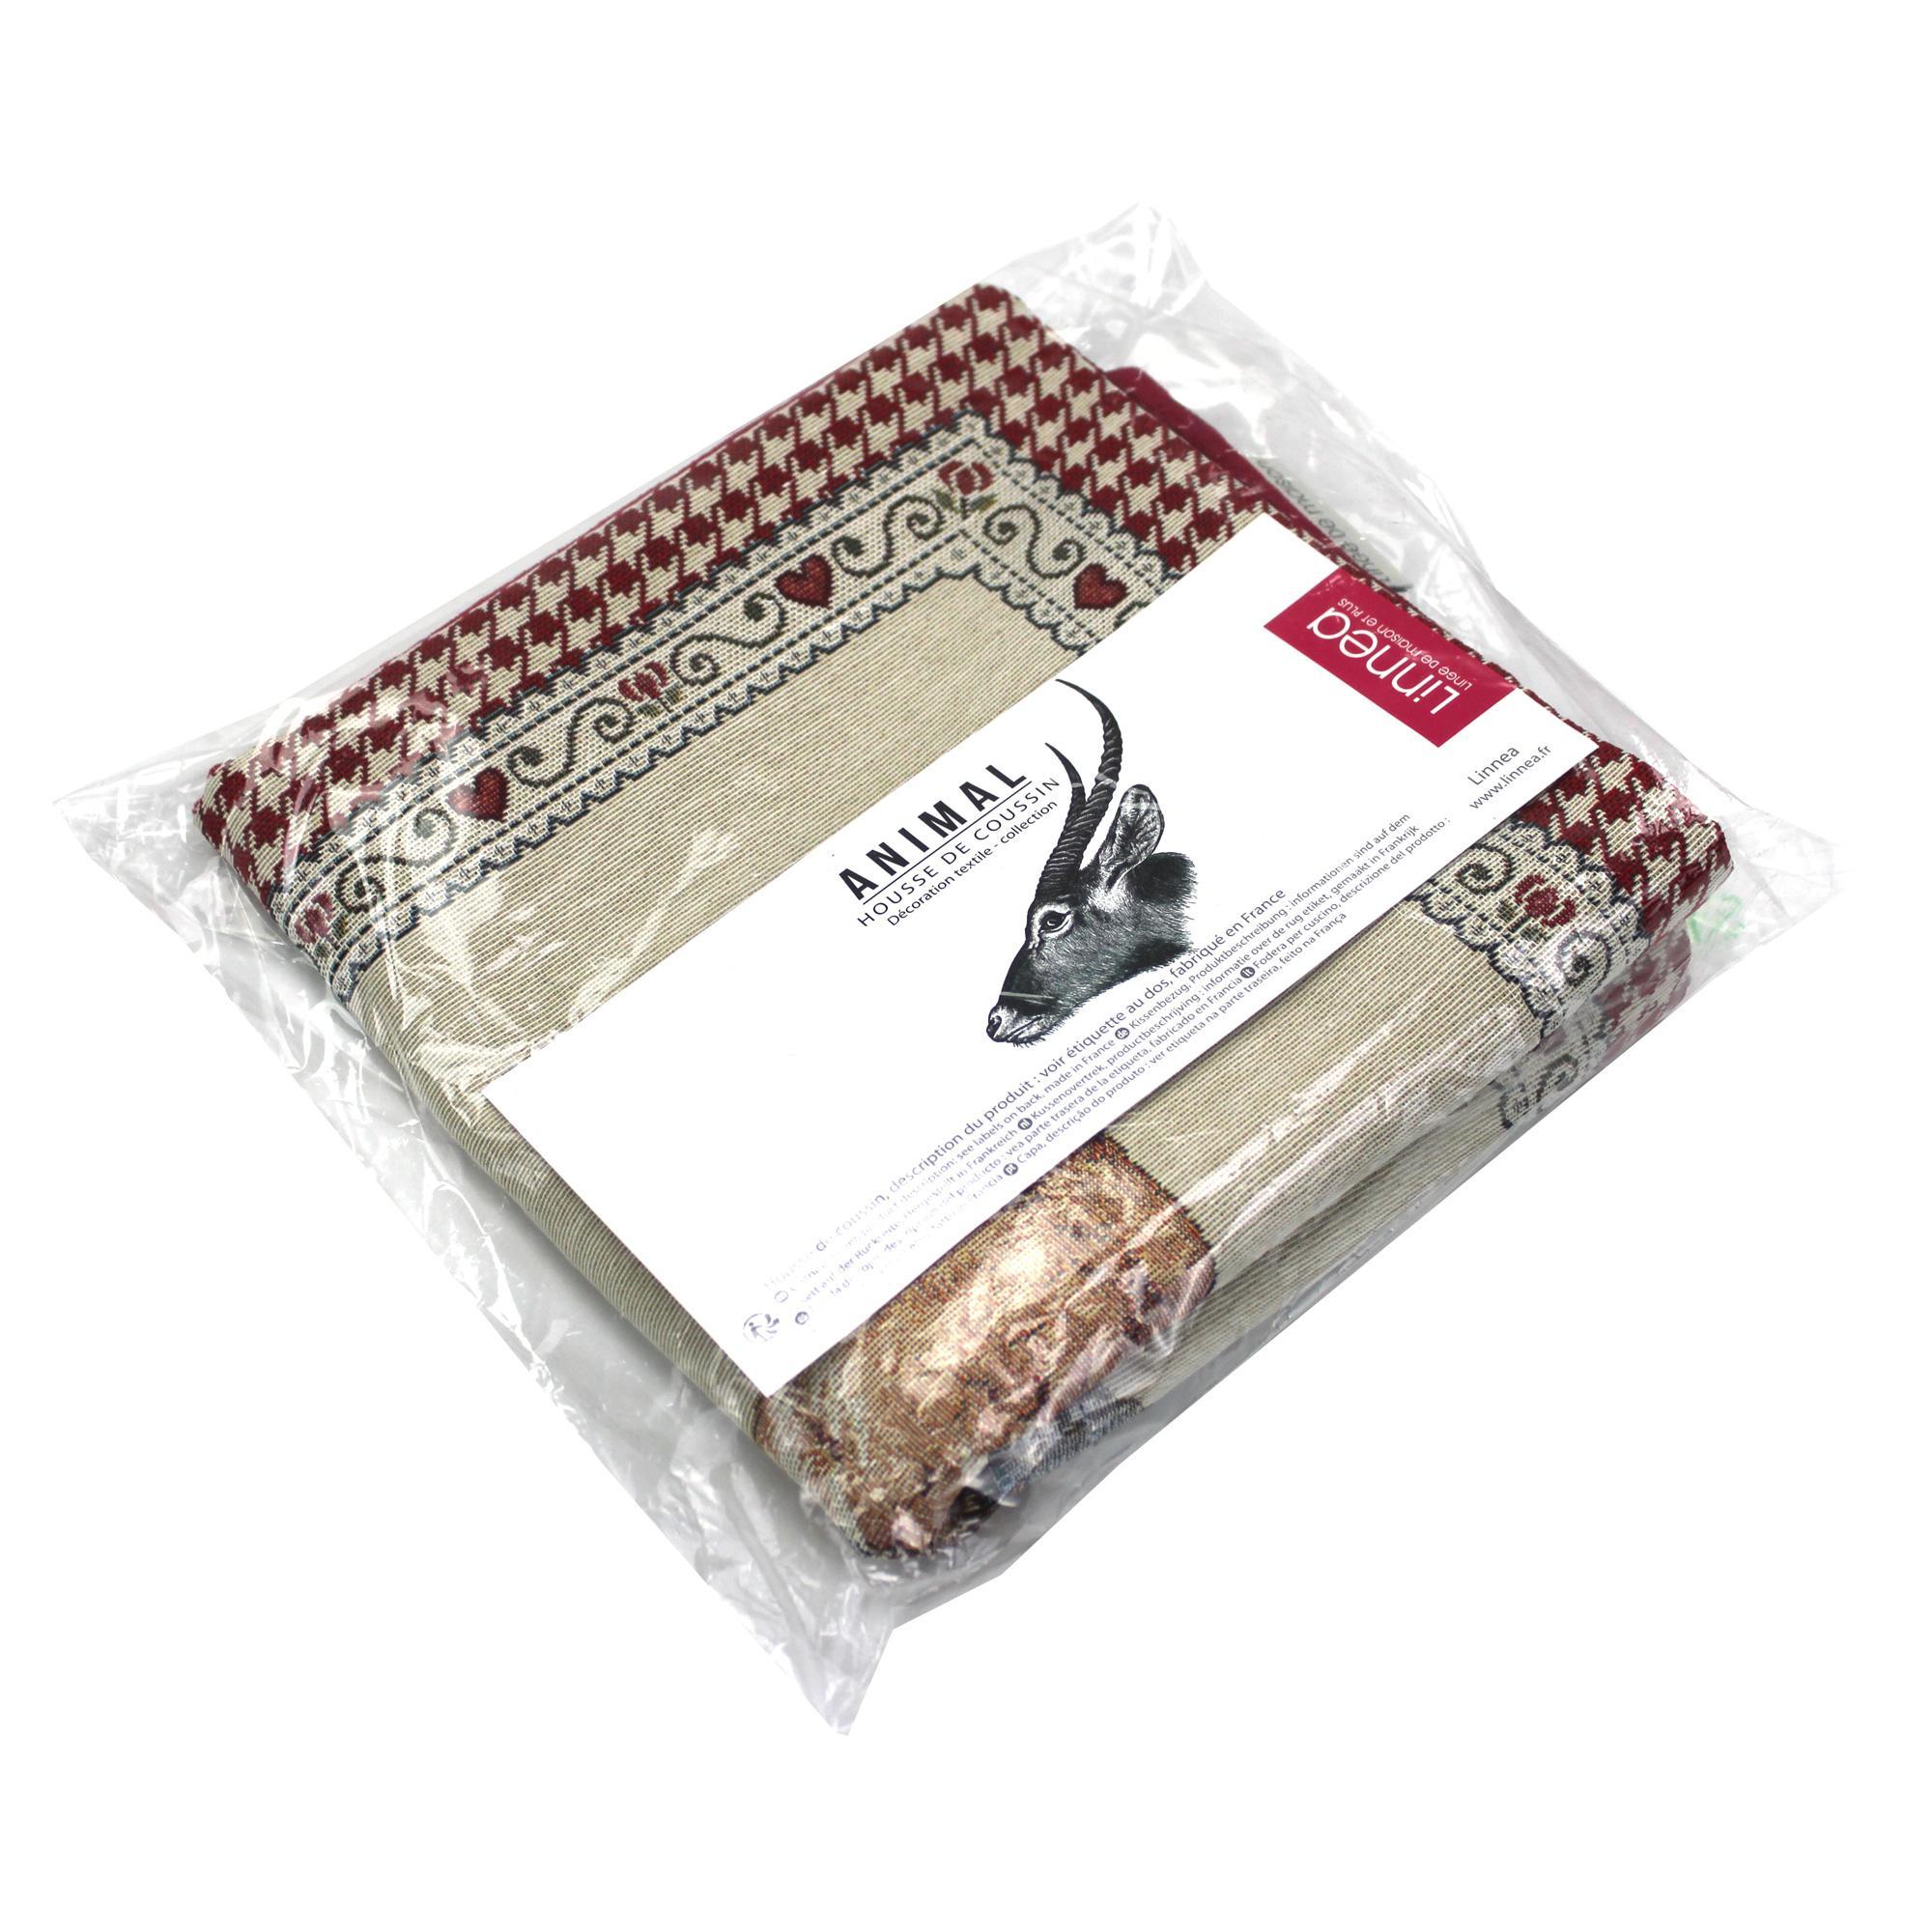 Housse de coussin 45x45 cm termoli poule polycoton acrylique linnea vente de linge de maison - Housse de coussin 45x45 ...